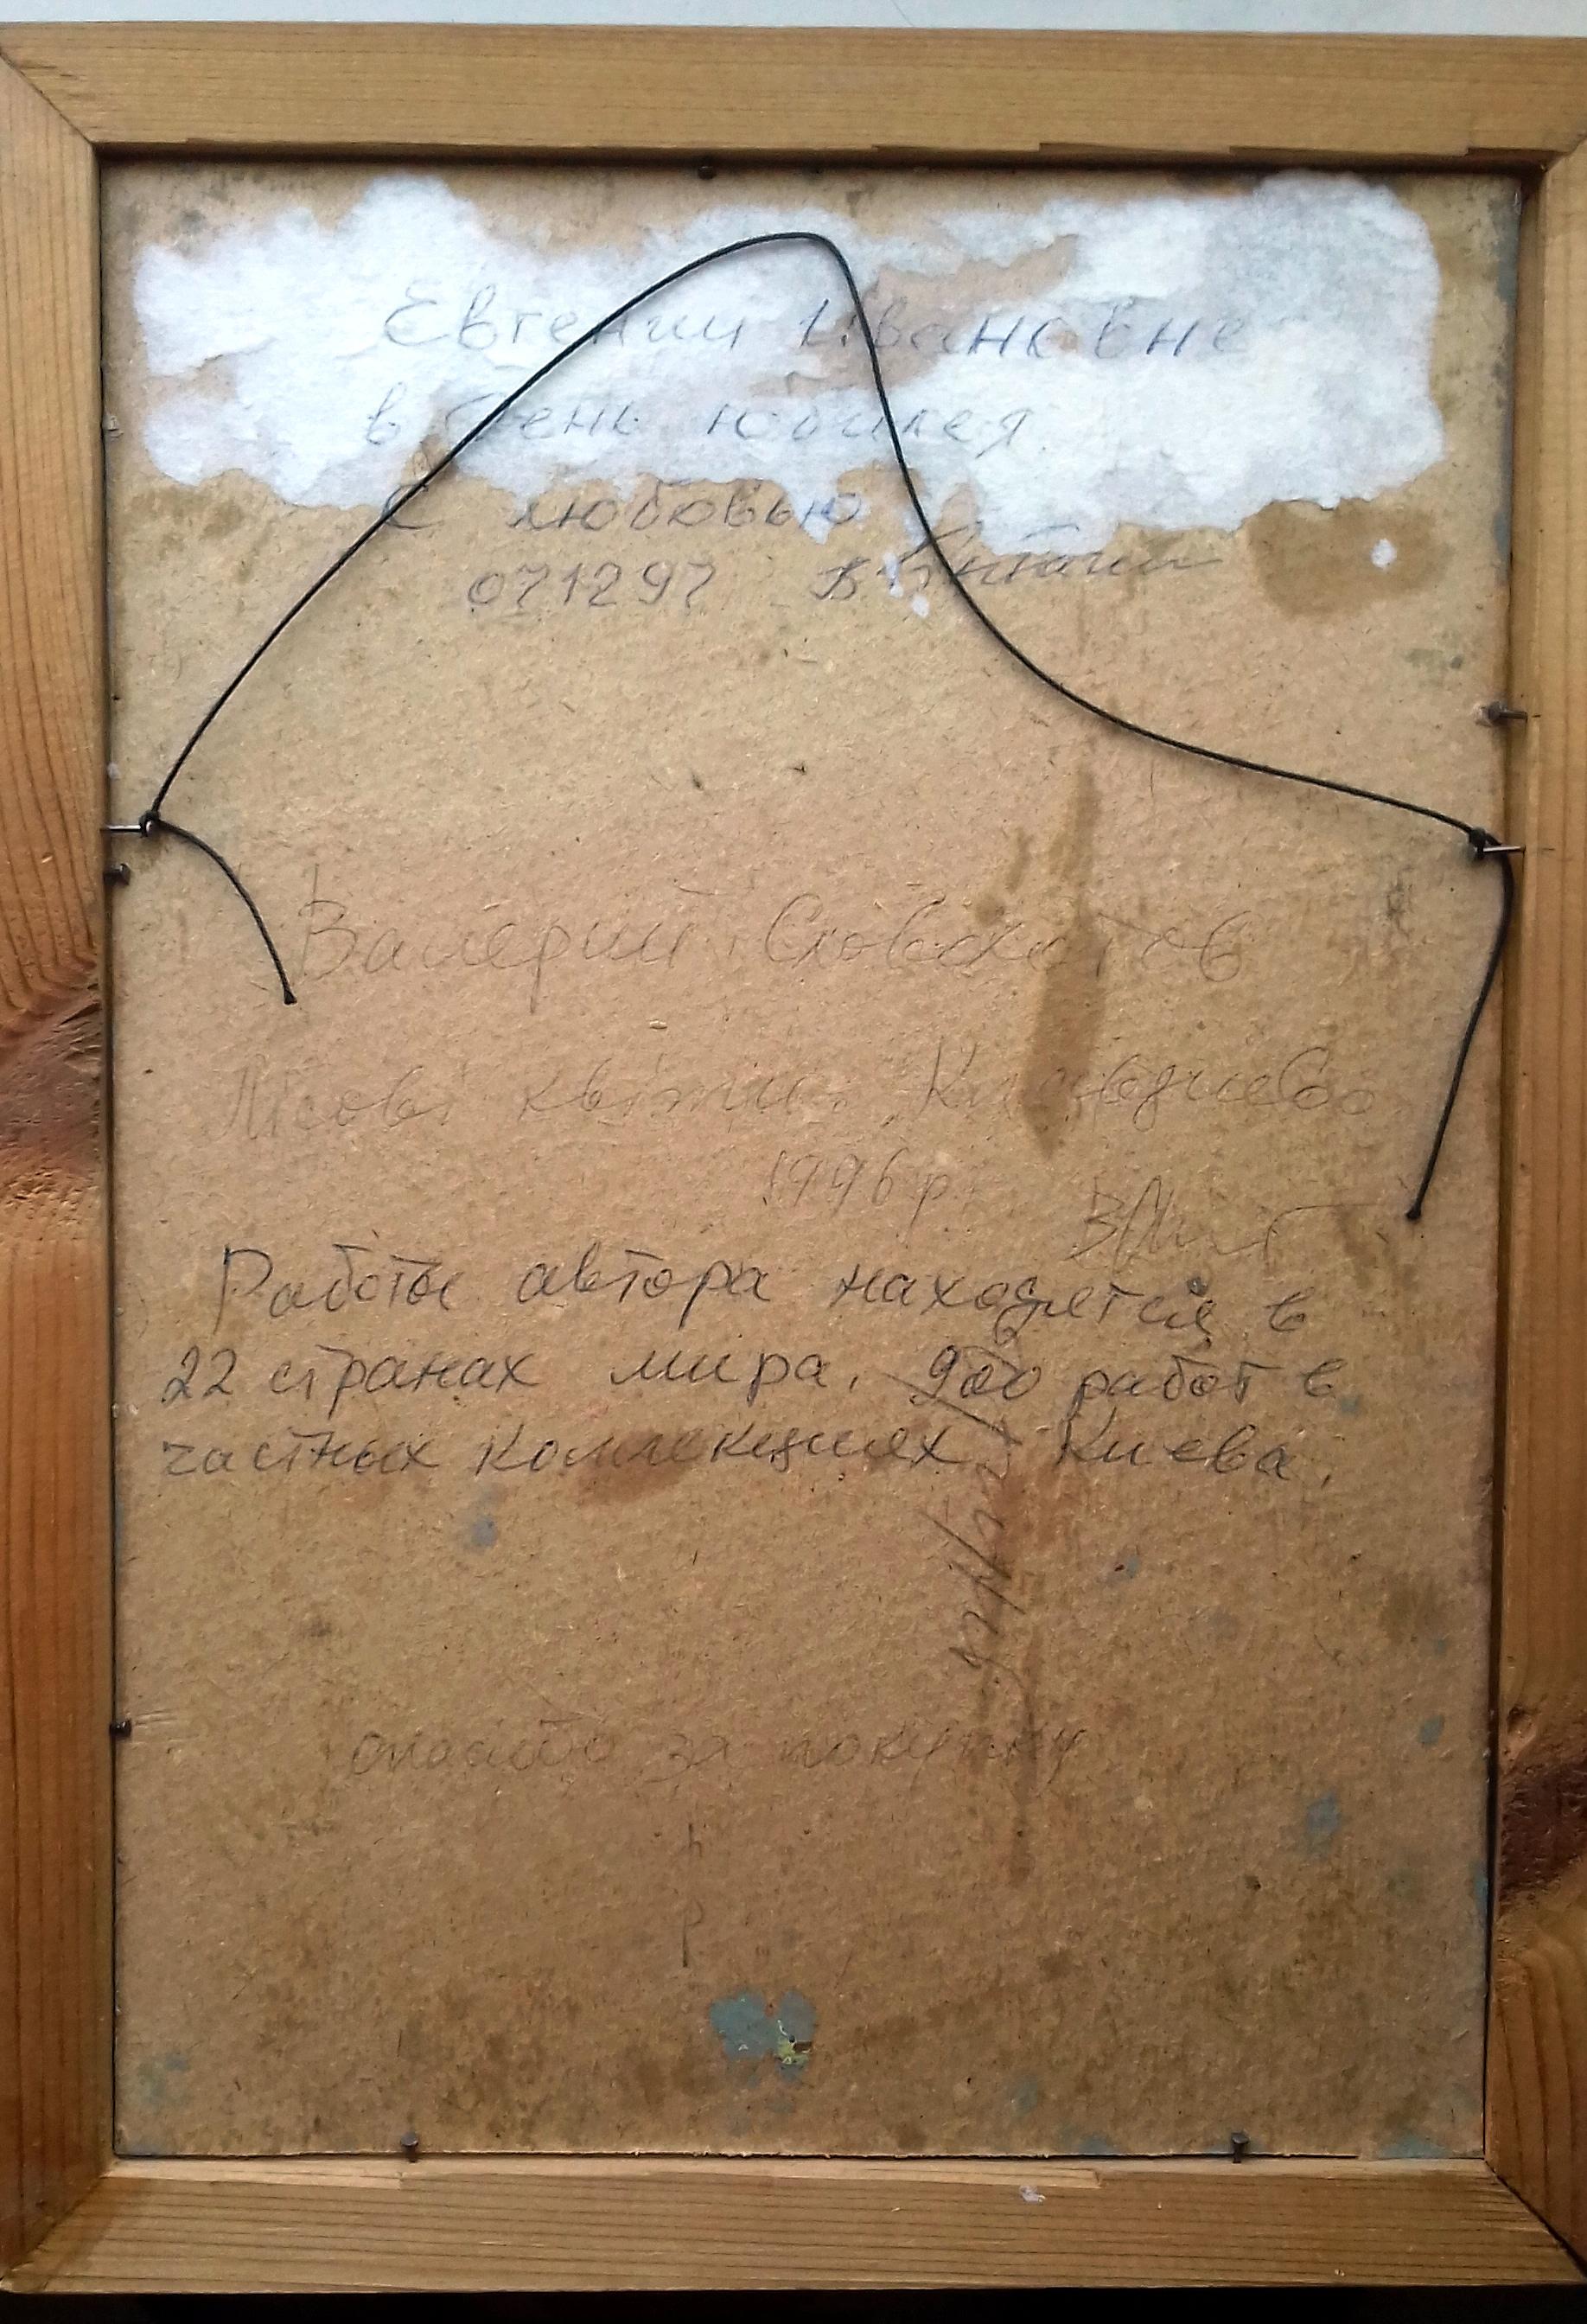 Лесные цветы Клавдиево 27,5-19,5 см., картон, масло 1996 год  - 3